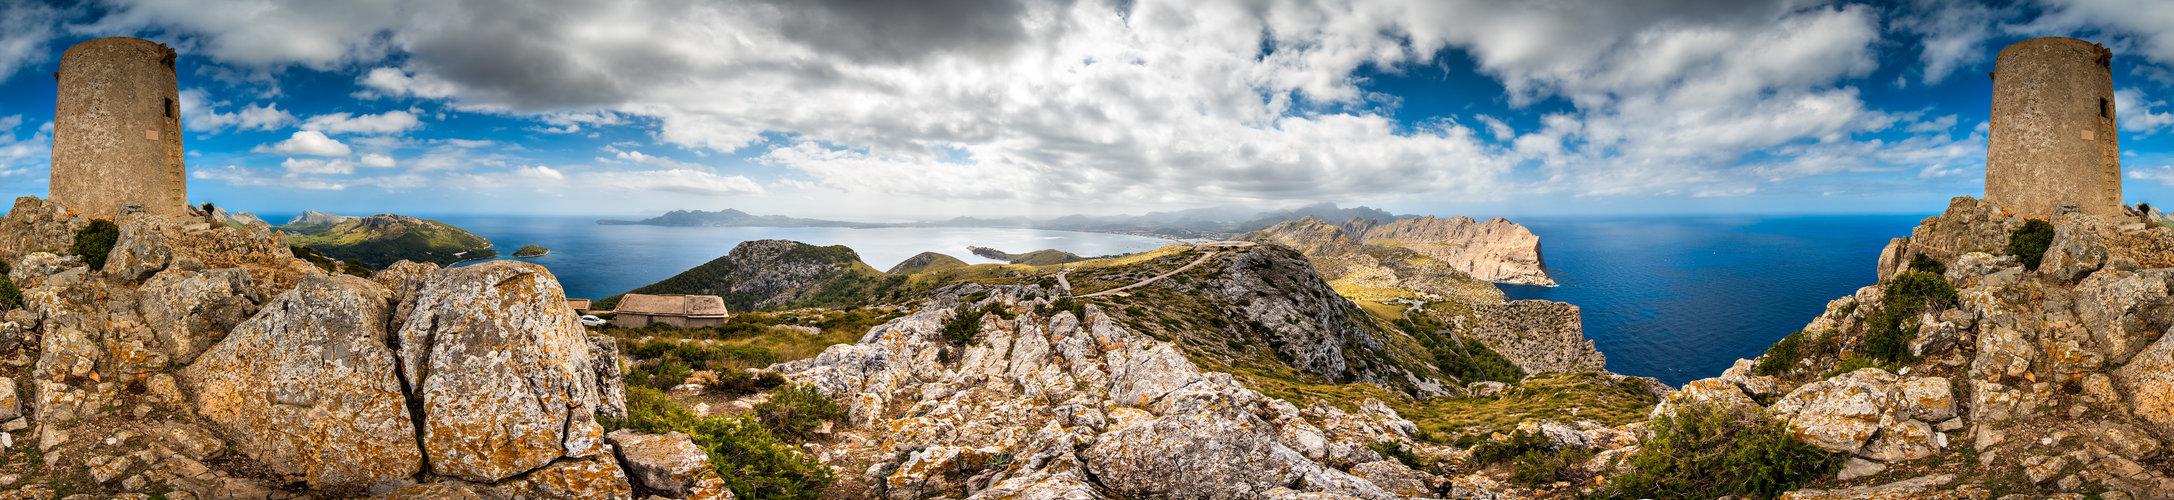 Mirador - Cap Formentor